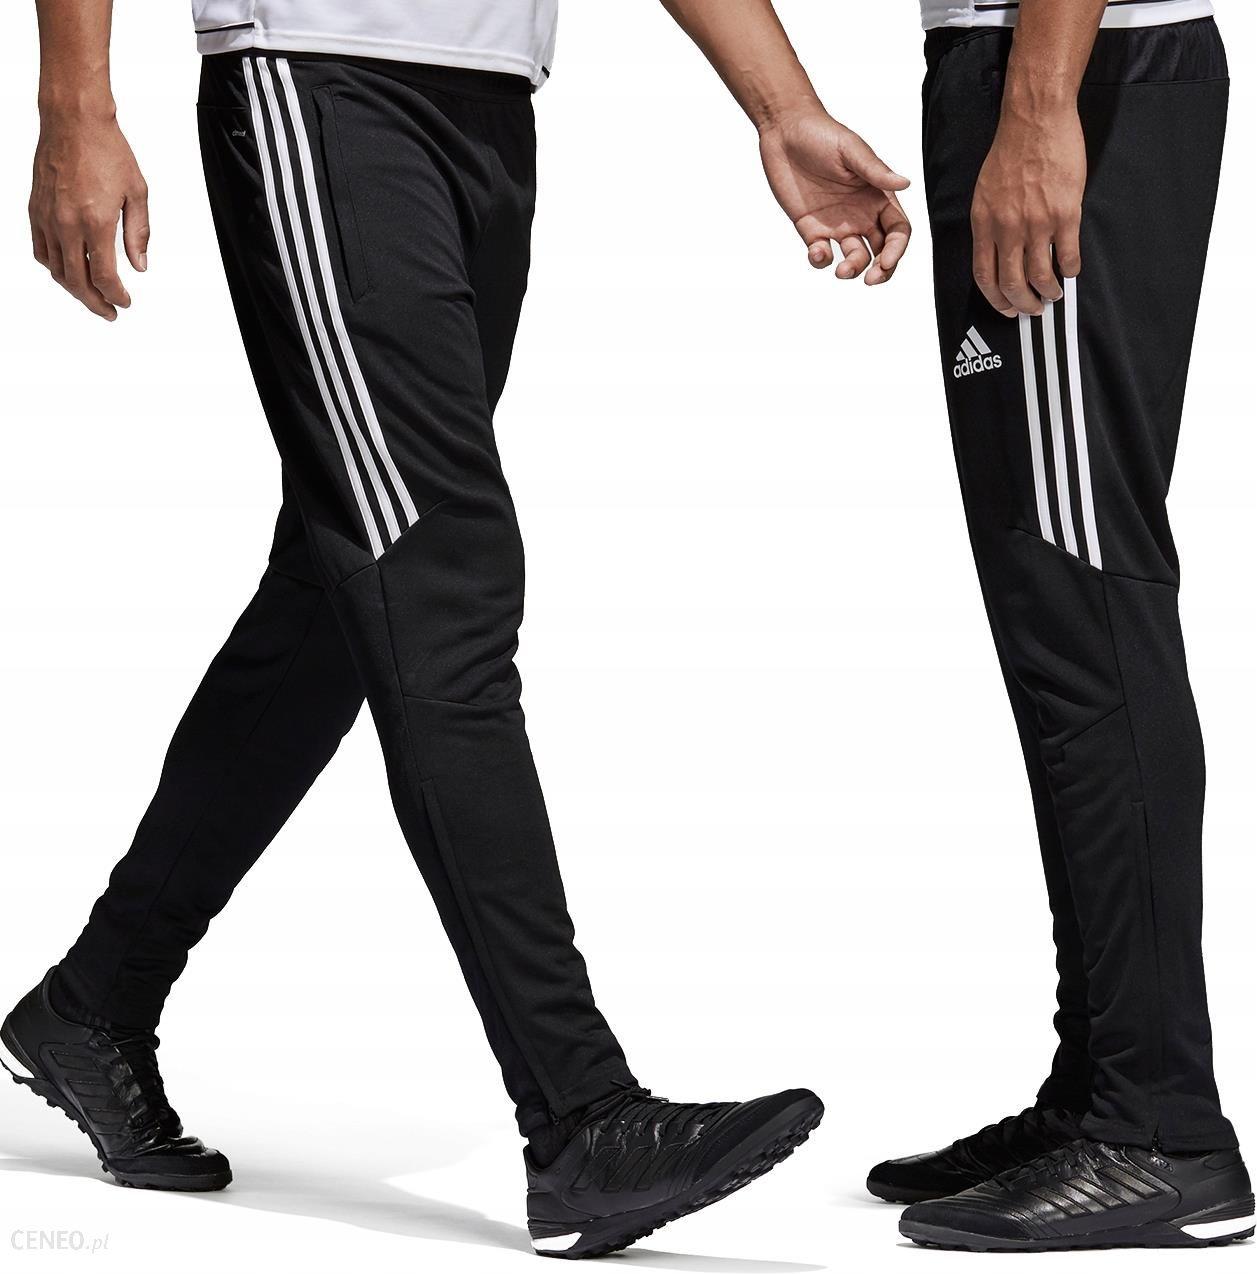 Adidas spodnie dresowe męskie dresy treningowe czarne